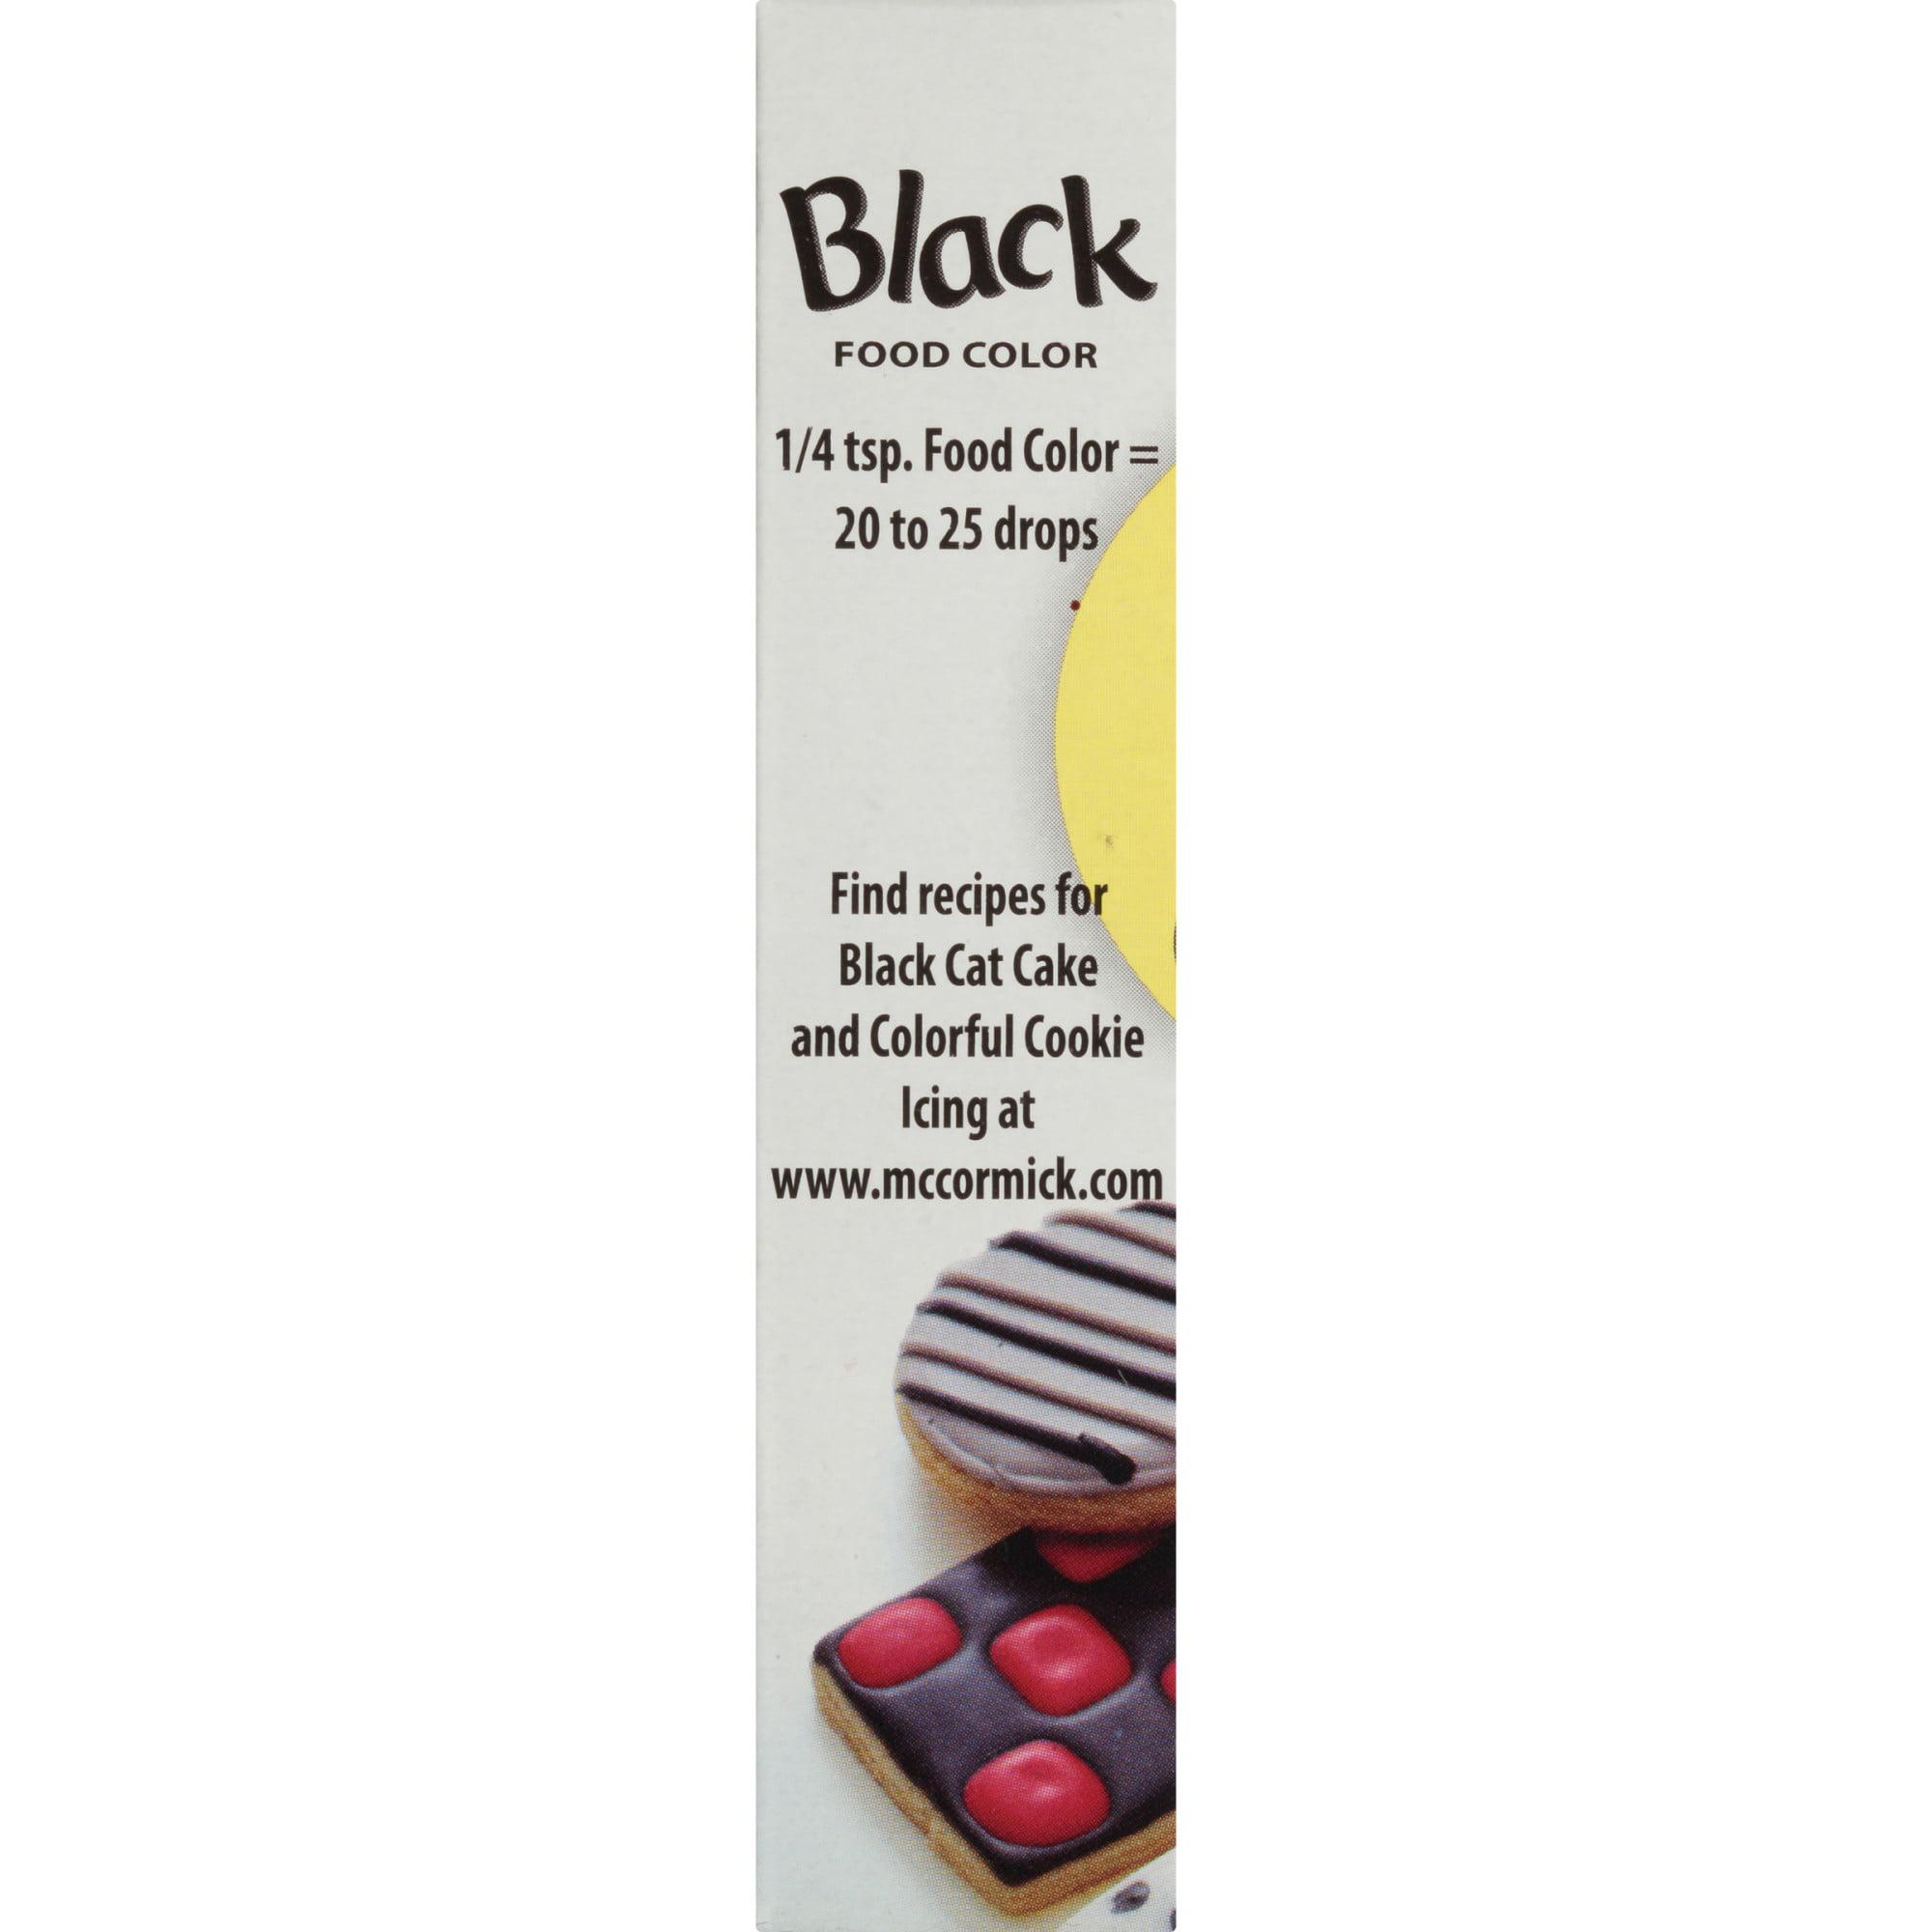 McCormick Black Food Color, 1 fl oz - Walmart.com